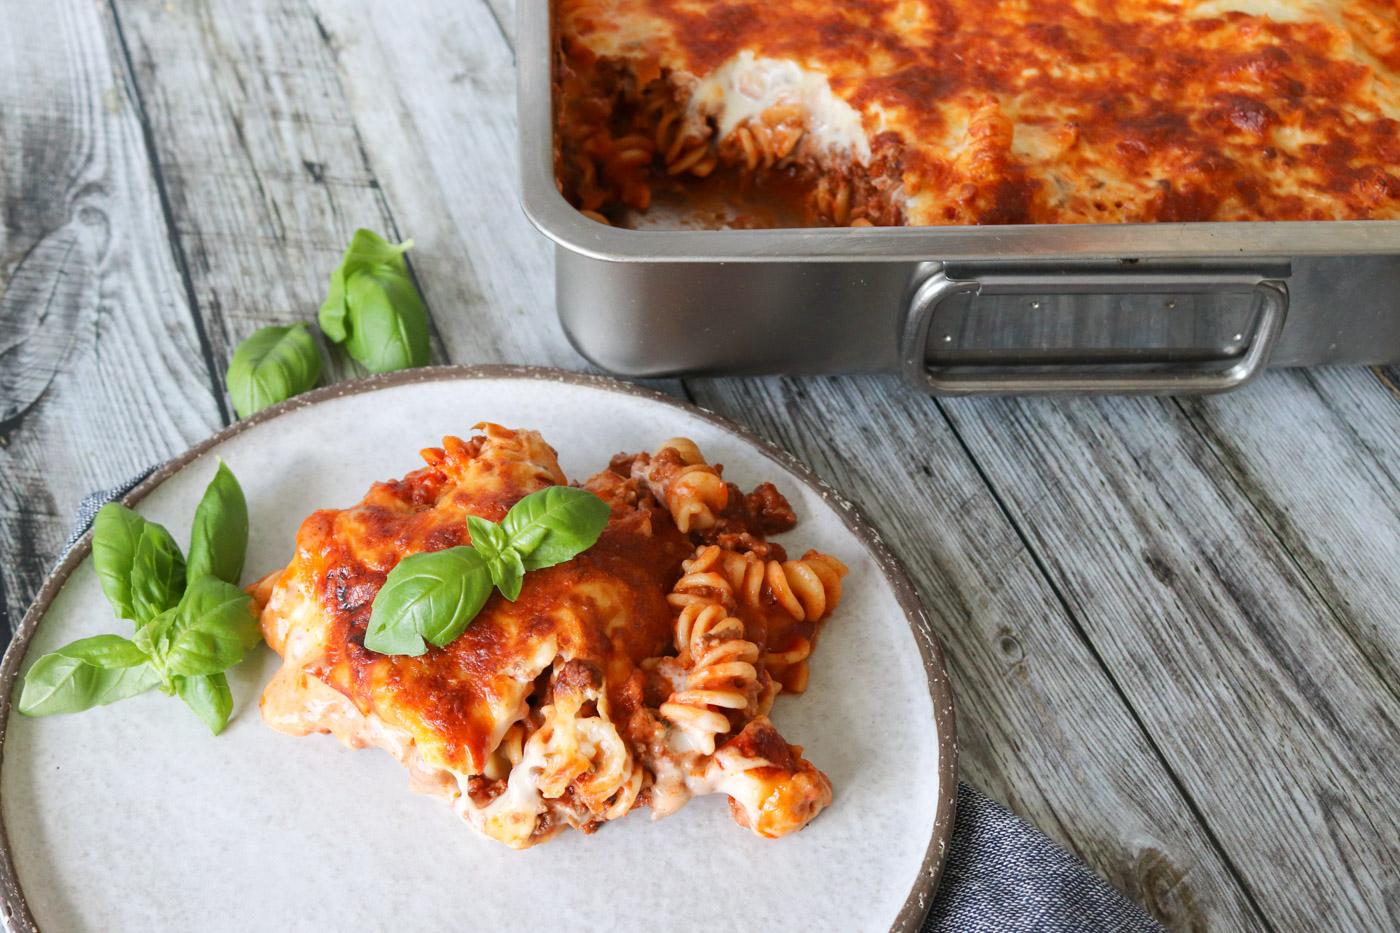 Opskrift På Lasagnette – Pasta Med Kødsauce Bagt Med Ost